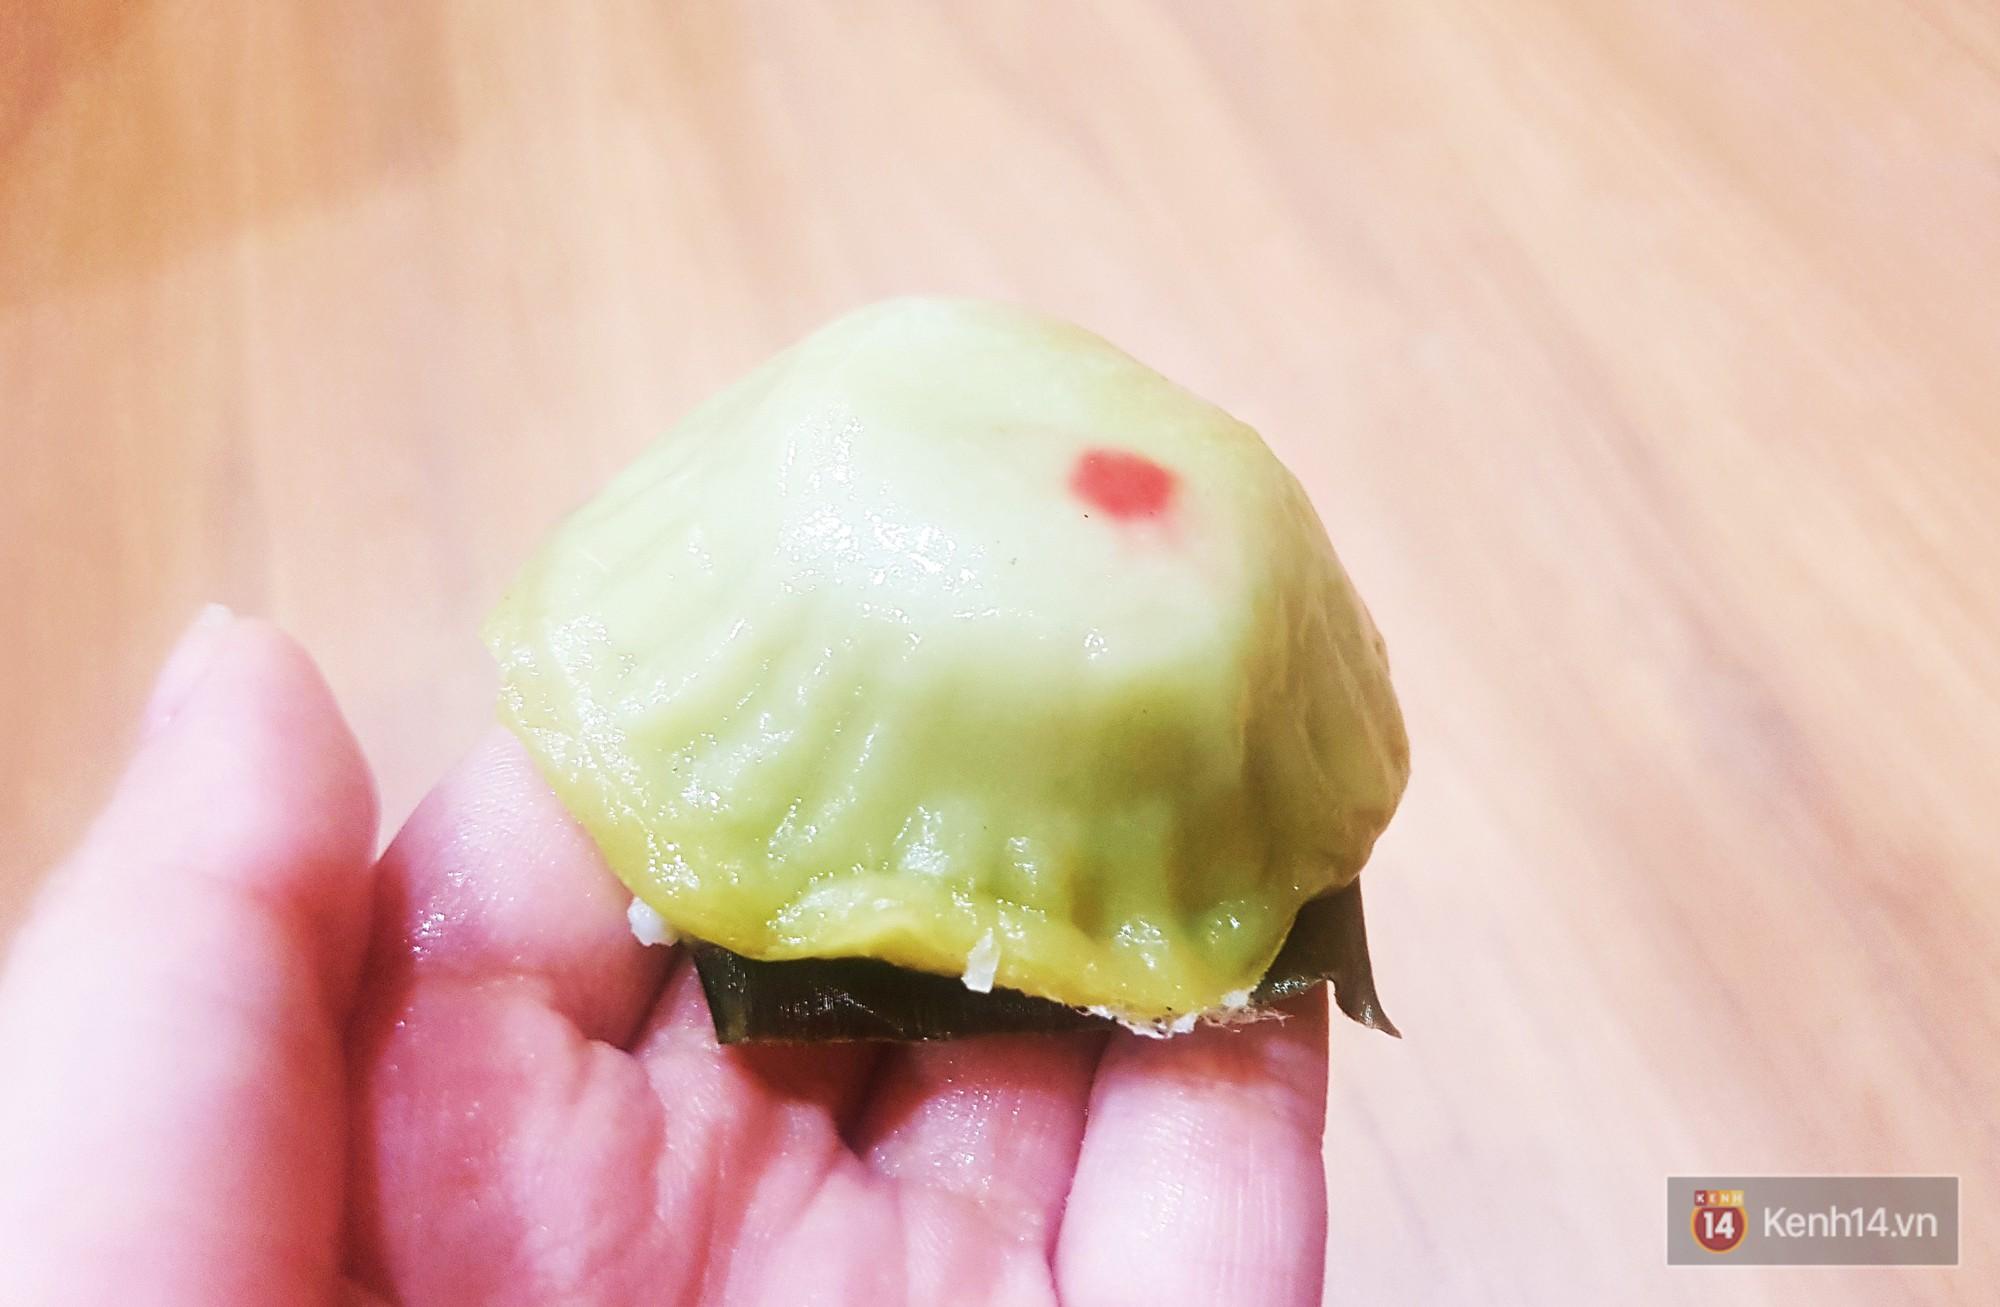 Bánh quy Việt Nam và bánh quy phương Tây: hai món ngoại trừ cái tên thì... chẳng có gì liên quan - Ảnh 5.